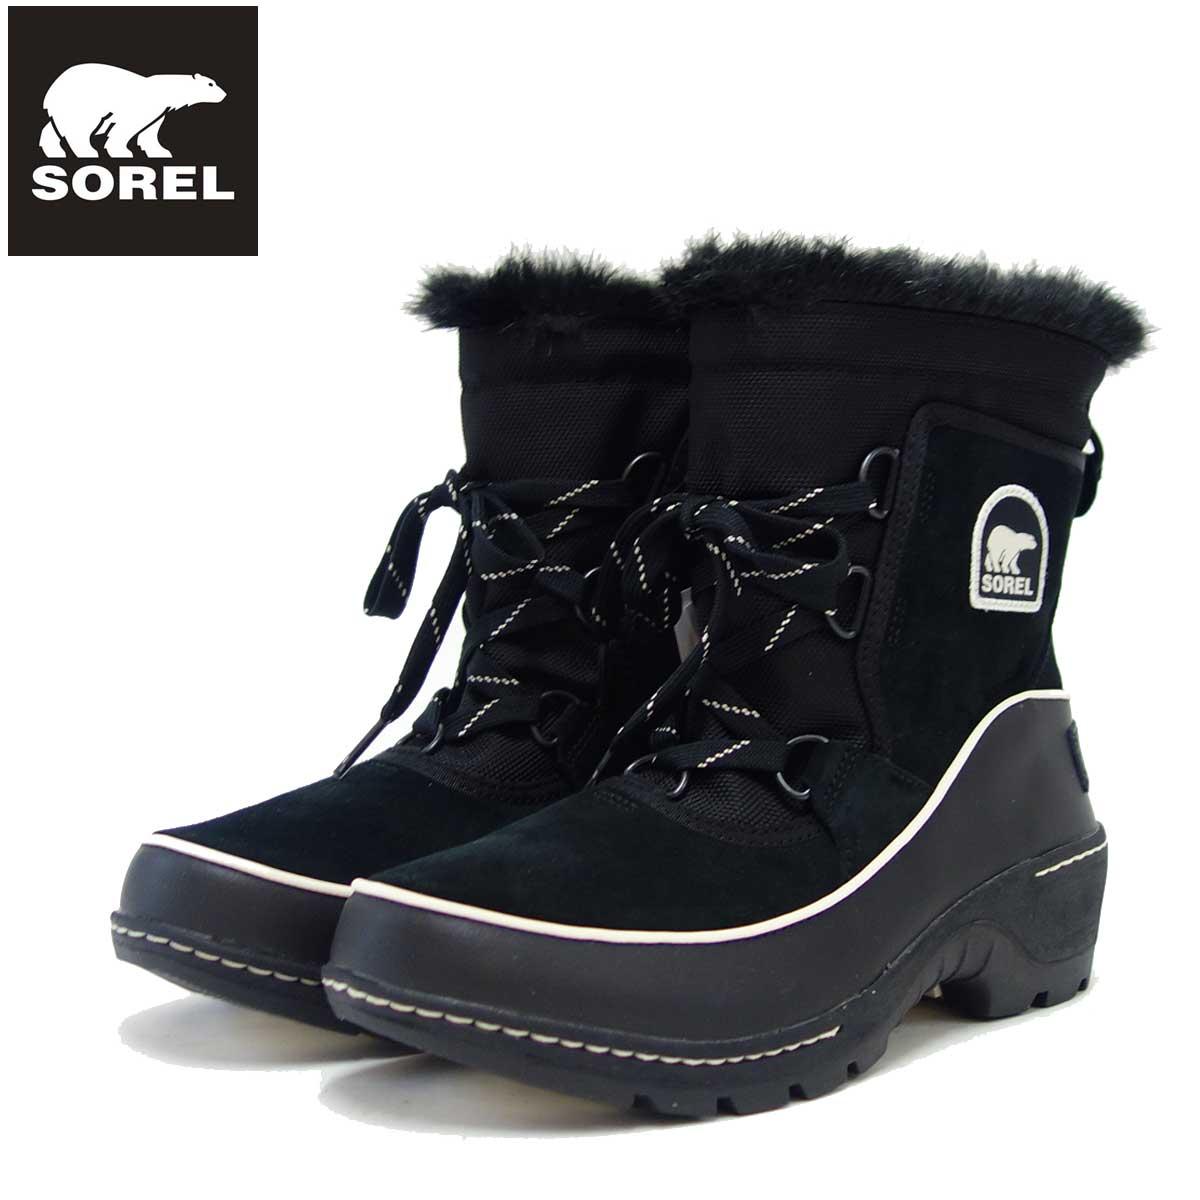 ソレル SOREL NL 2532(レディース) ティボリ3:ブラック (010) 保温性・撥水性抜群の快適ウィンターブーツ 「靴」